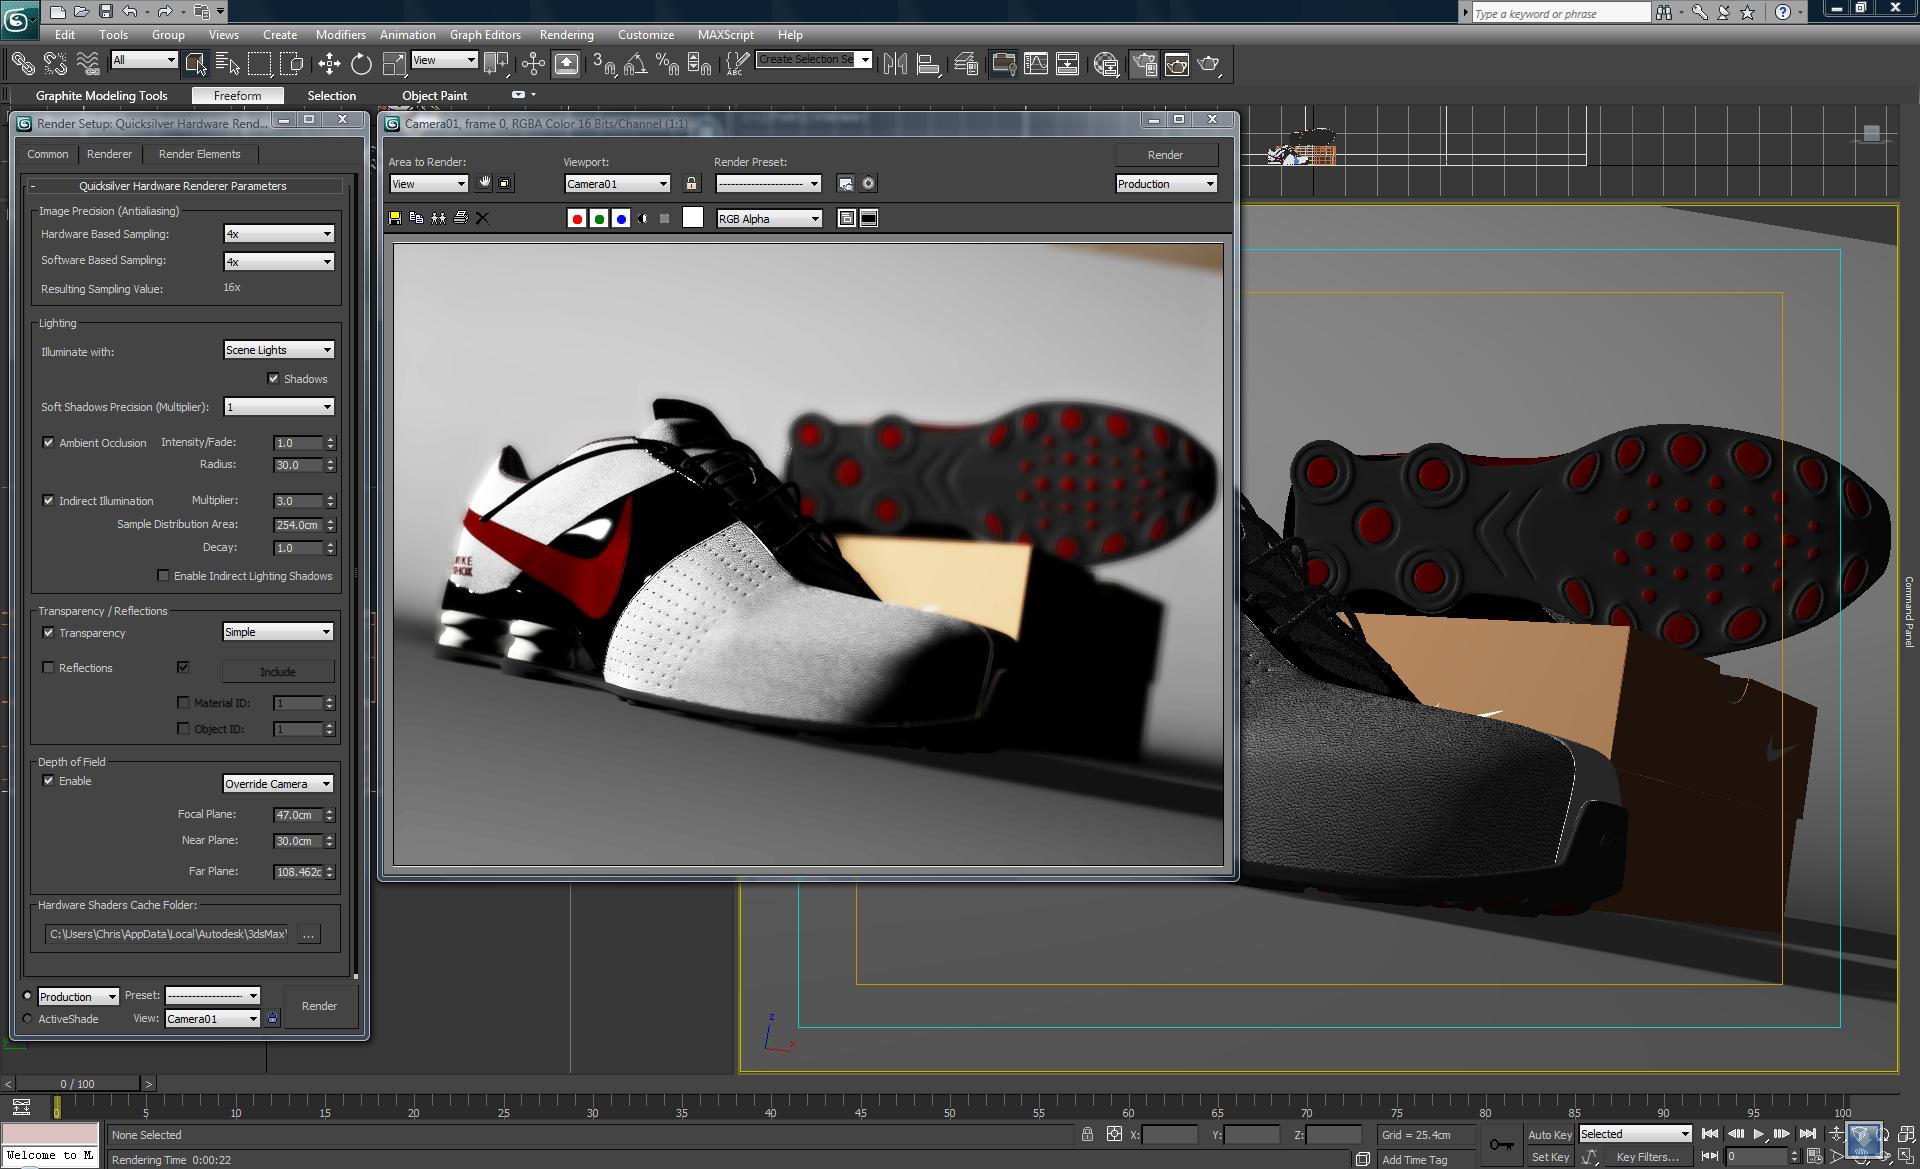 Estudio logos autodesk 3d max 2011 un software para for Modelar habitacion 3d max